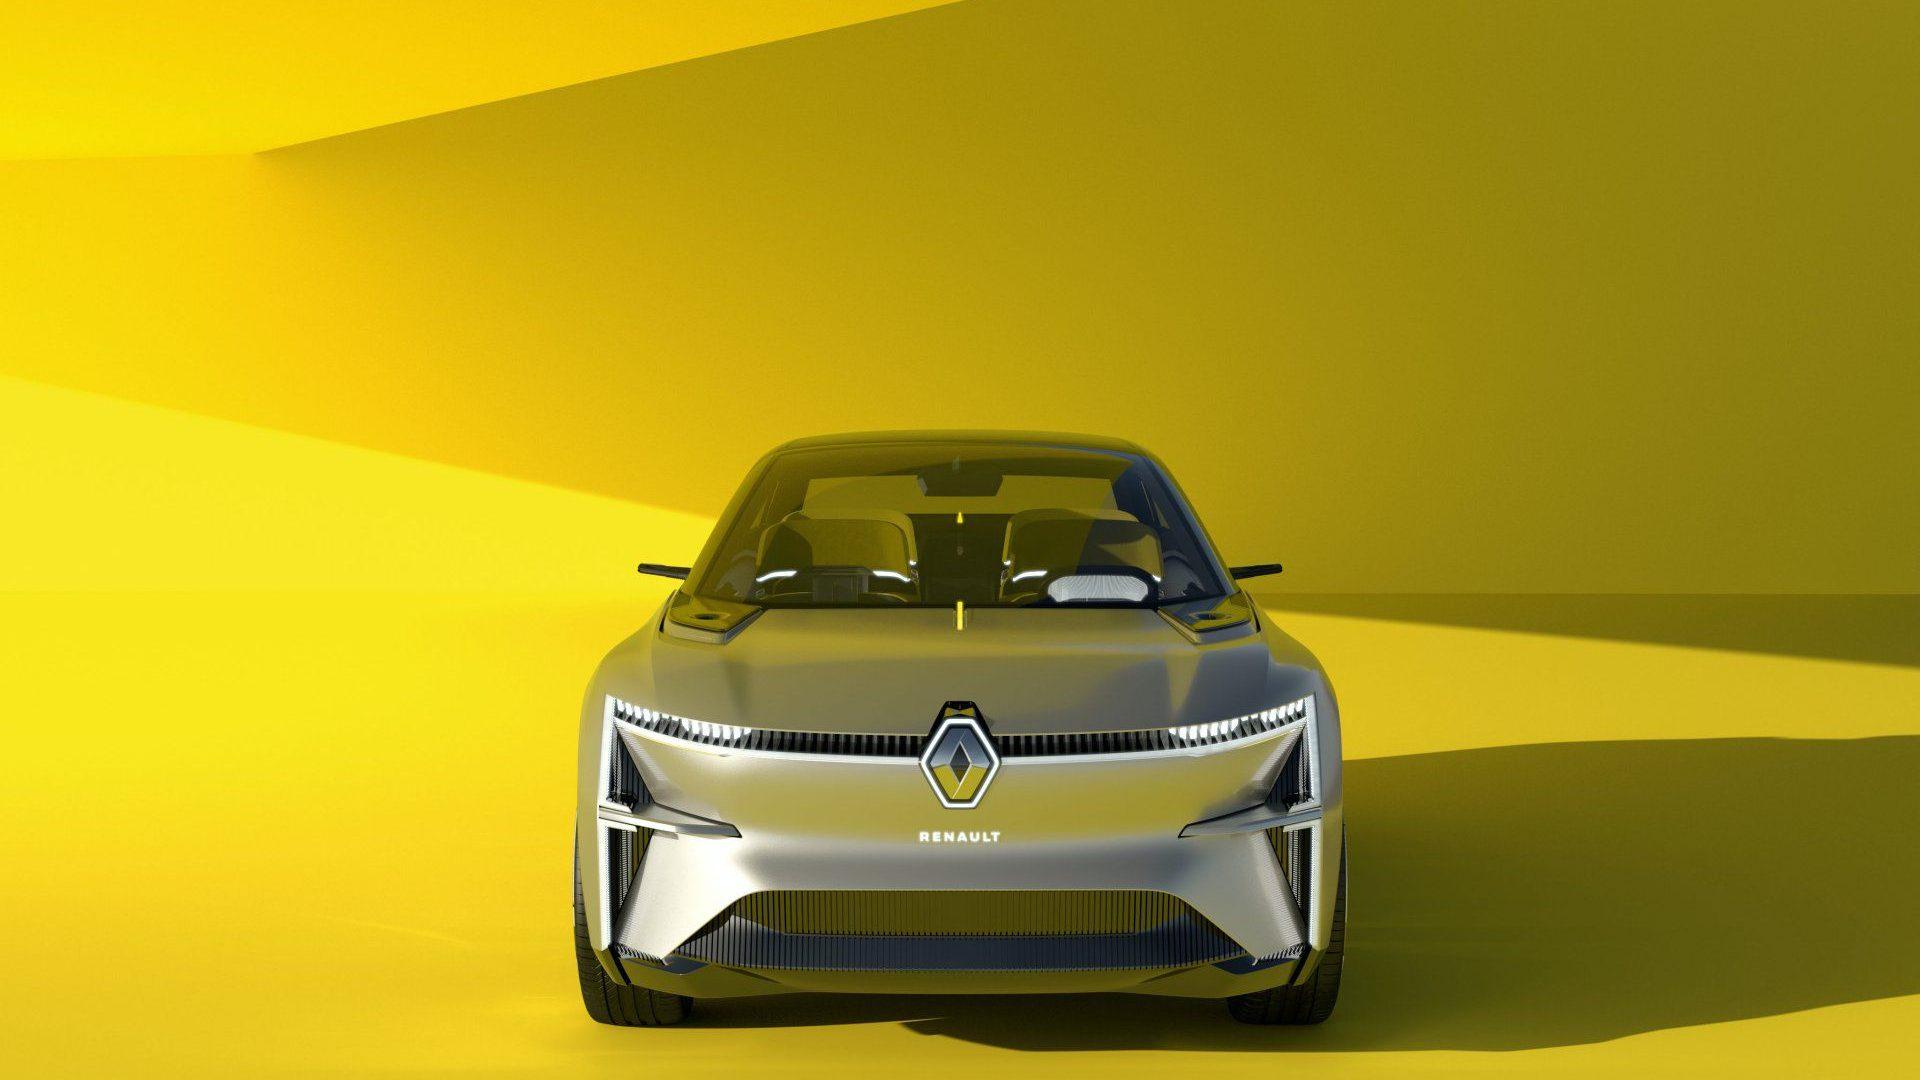 2020-Renault-Morphoz-Concept-005